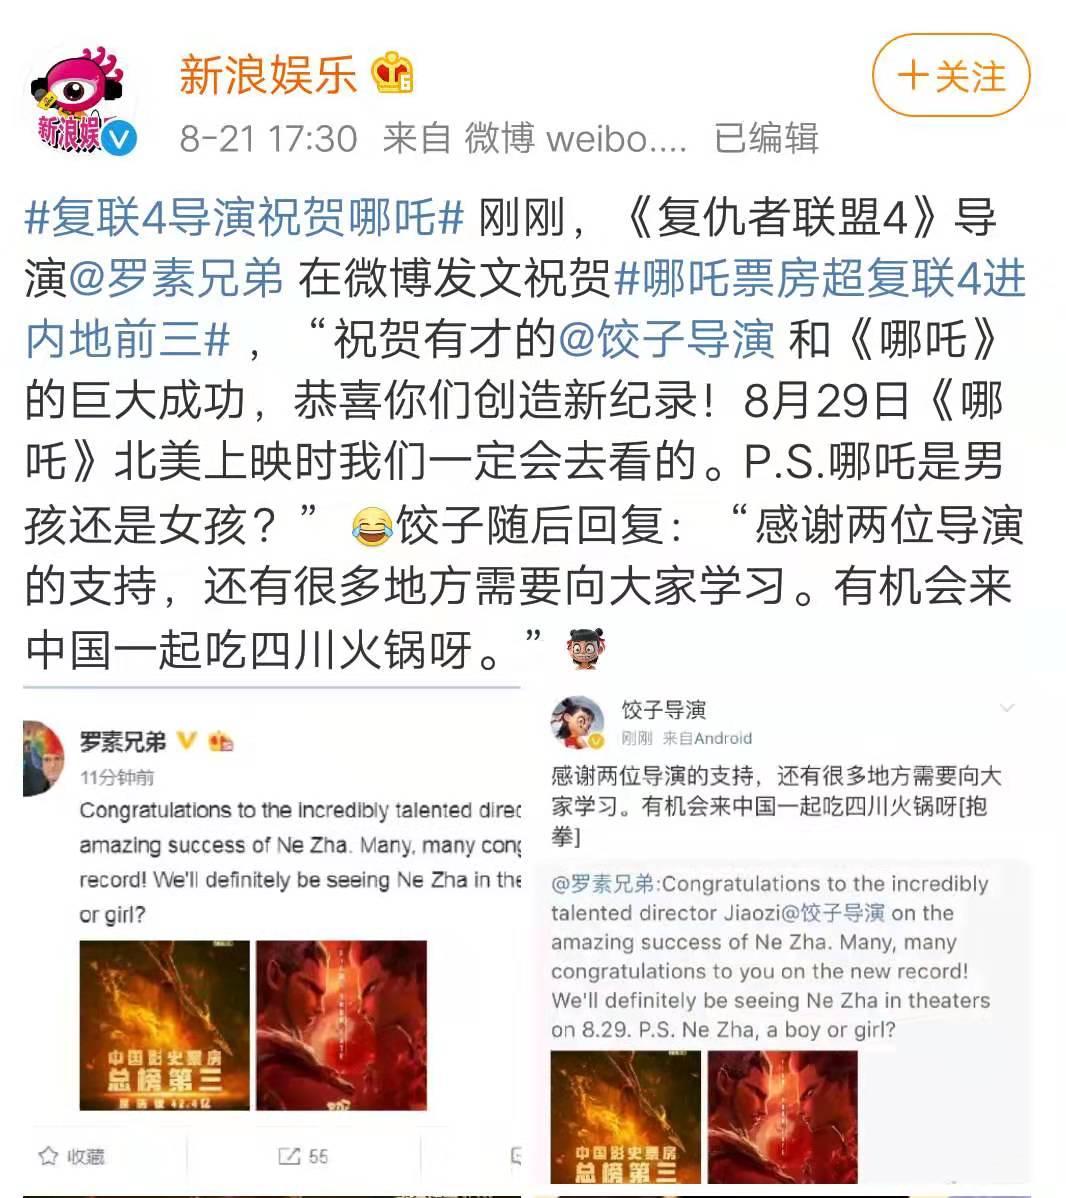 电影投资:复联4导演祝贺哪吒导演,陈塘关三兄弟会师